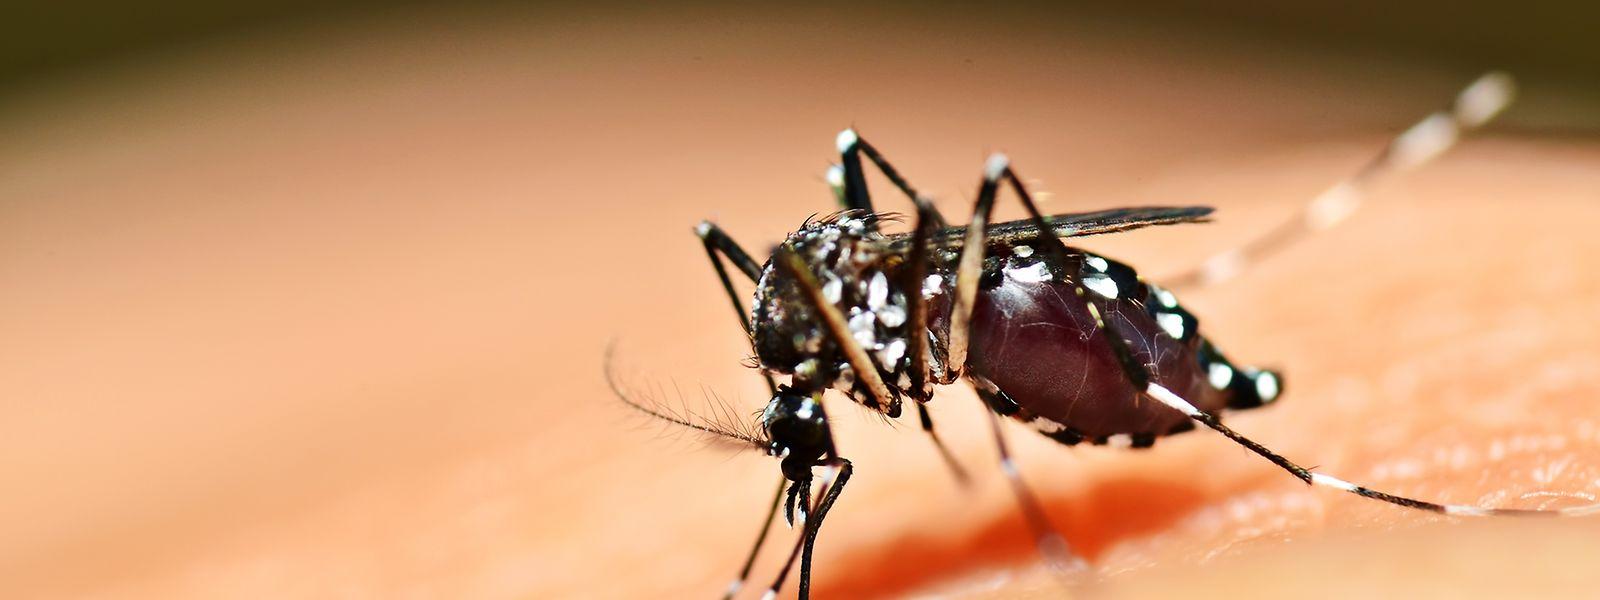 C'est la première fois que ce virus touche un habitant luxembourgeois.